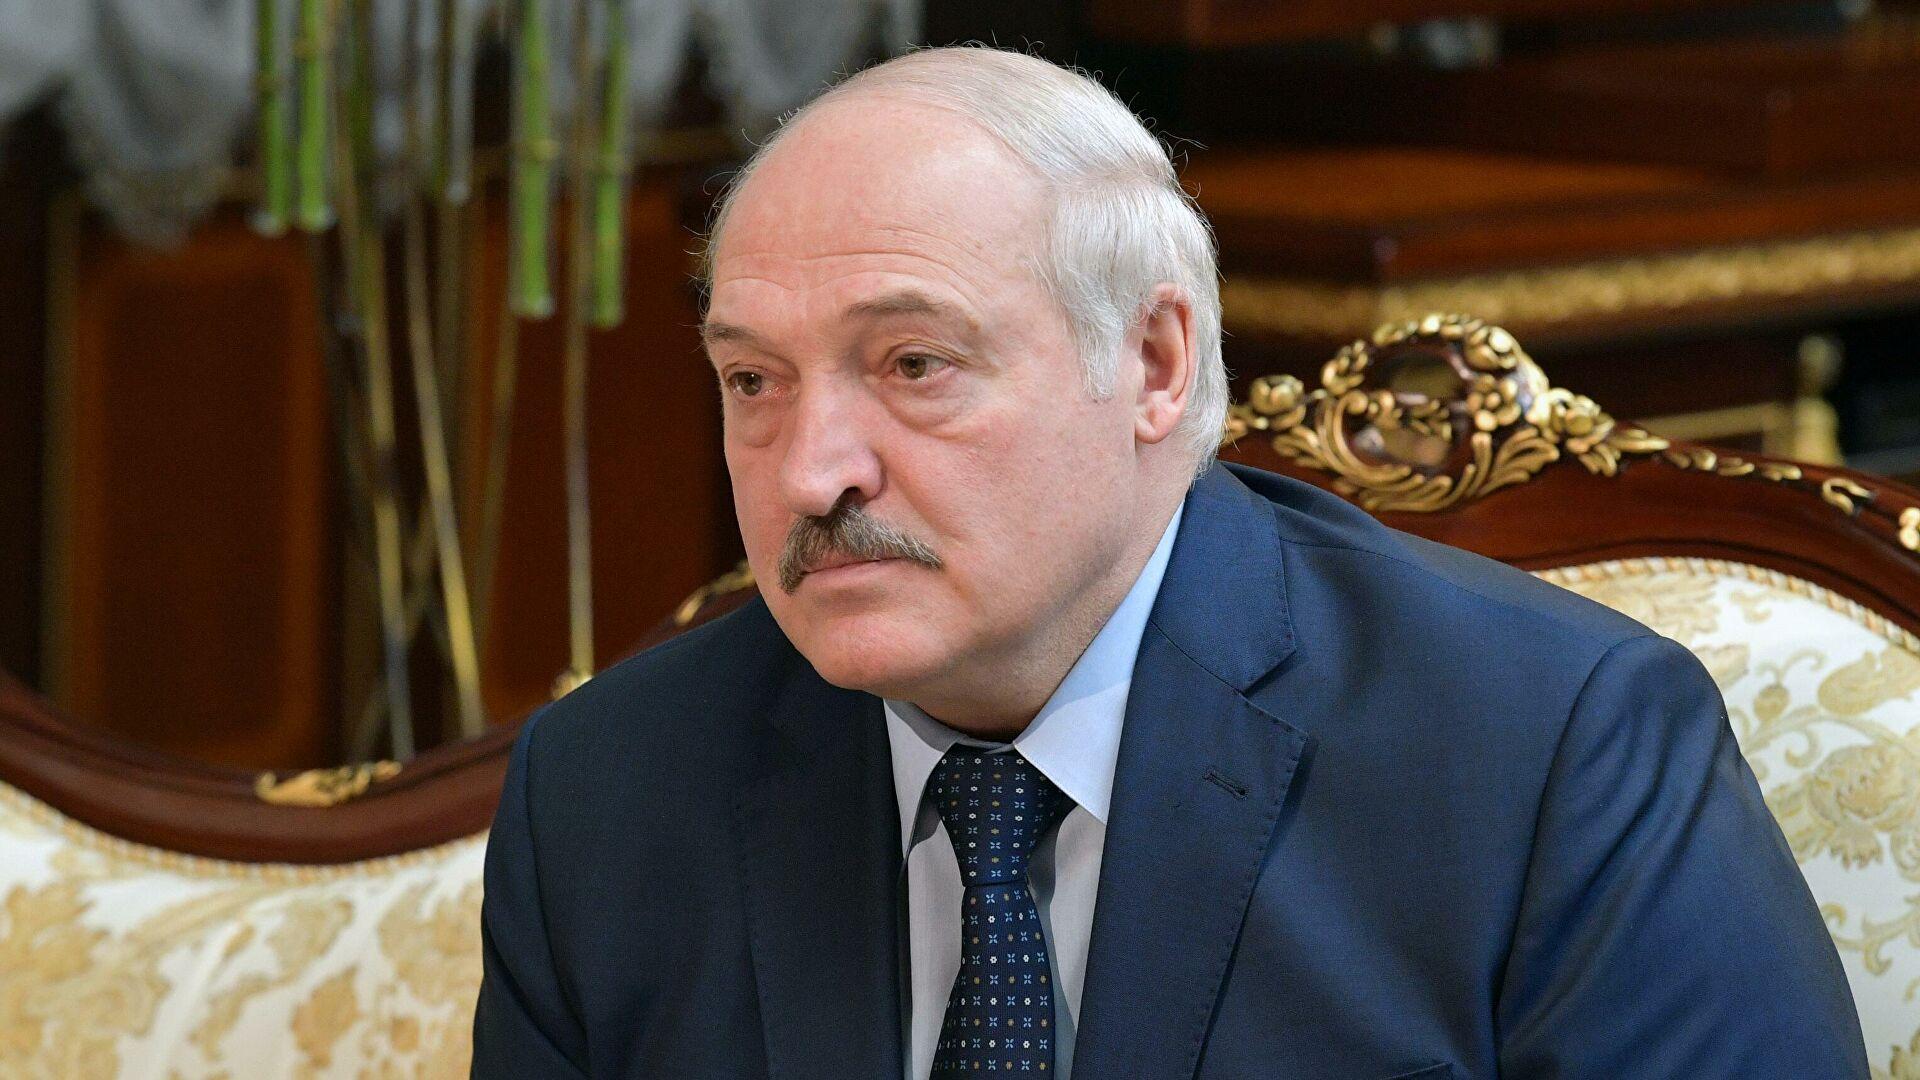 Лукашенко заявил о прямой угрозе суверенитету и целостности страны